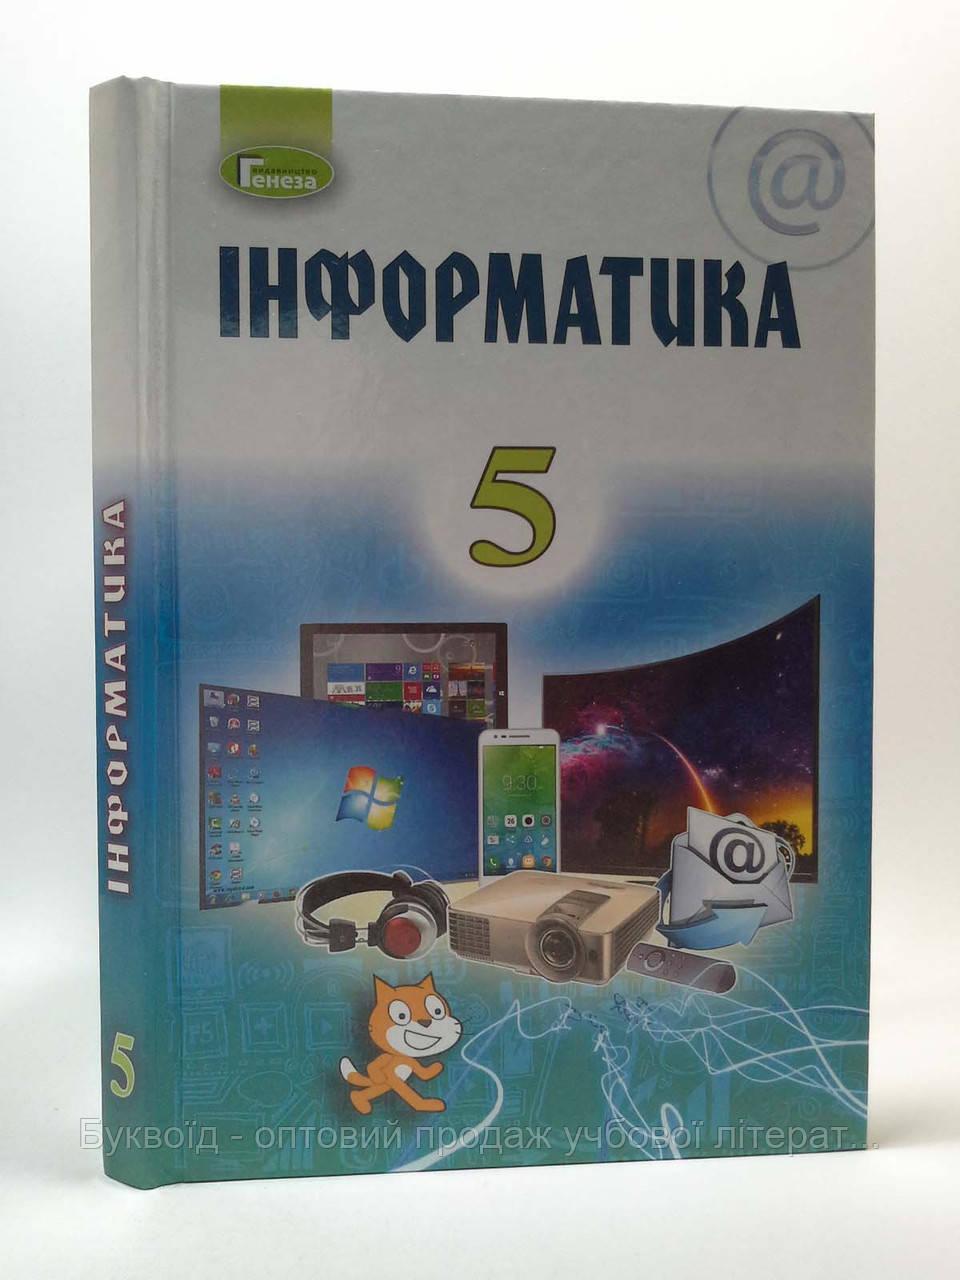 Інформатика 5 клас Підручник Ривкінд Генеза ISBN 978-966-11-0950-5